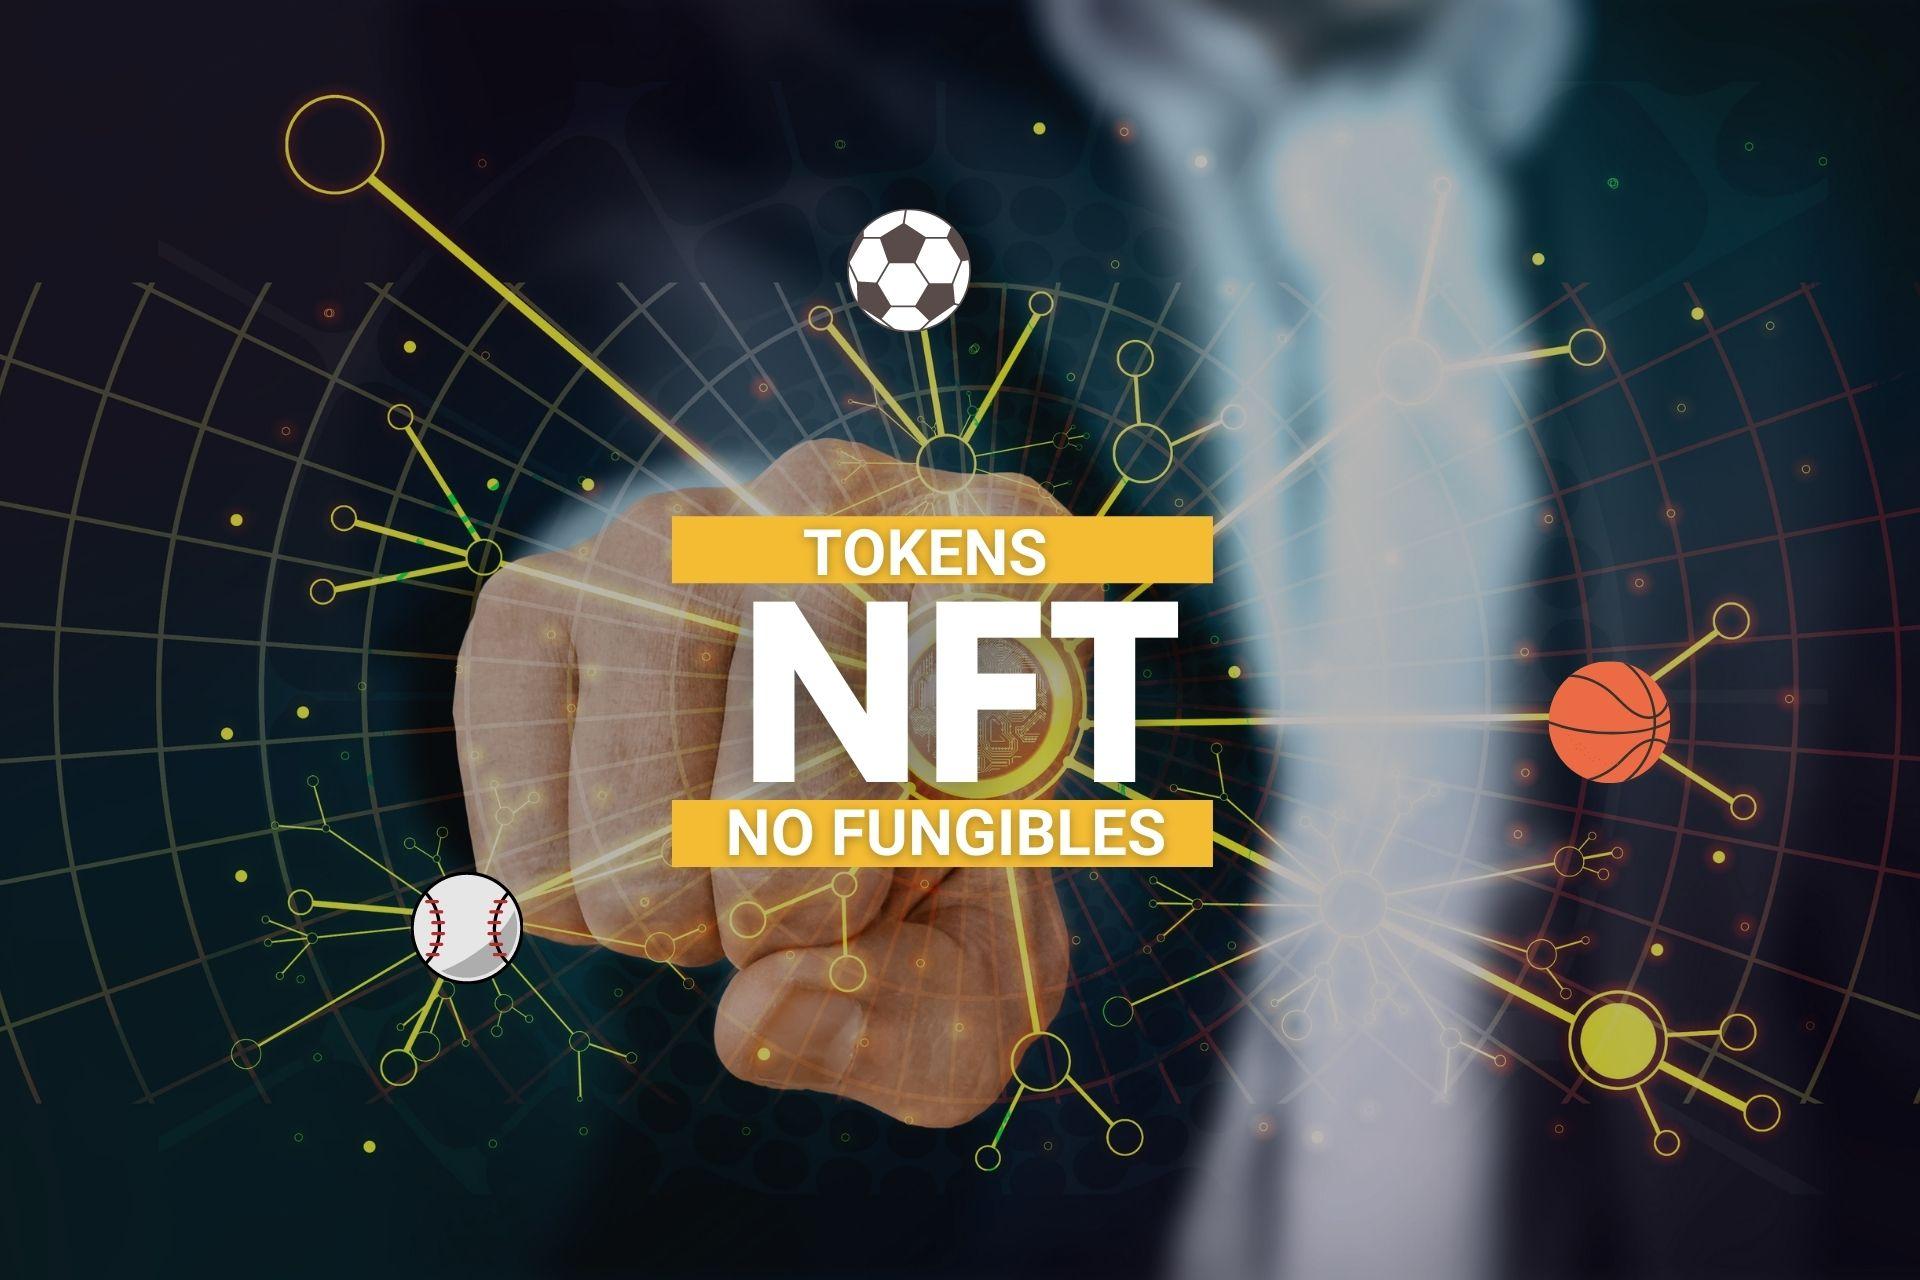 Sorare recibe 680 millones de dólares para ampliar su ecosistema NFT deportivo, mientras que Dapper Labs anuncia coleccionables digitales de La Liga